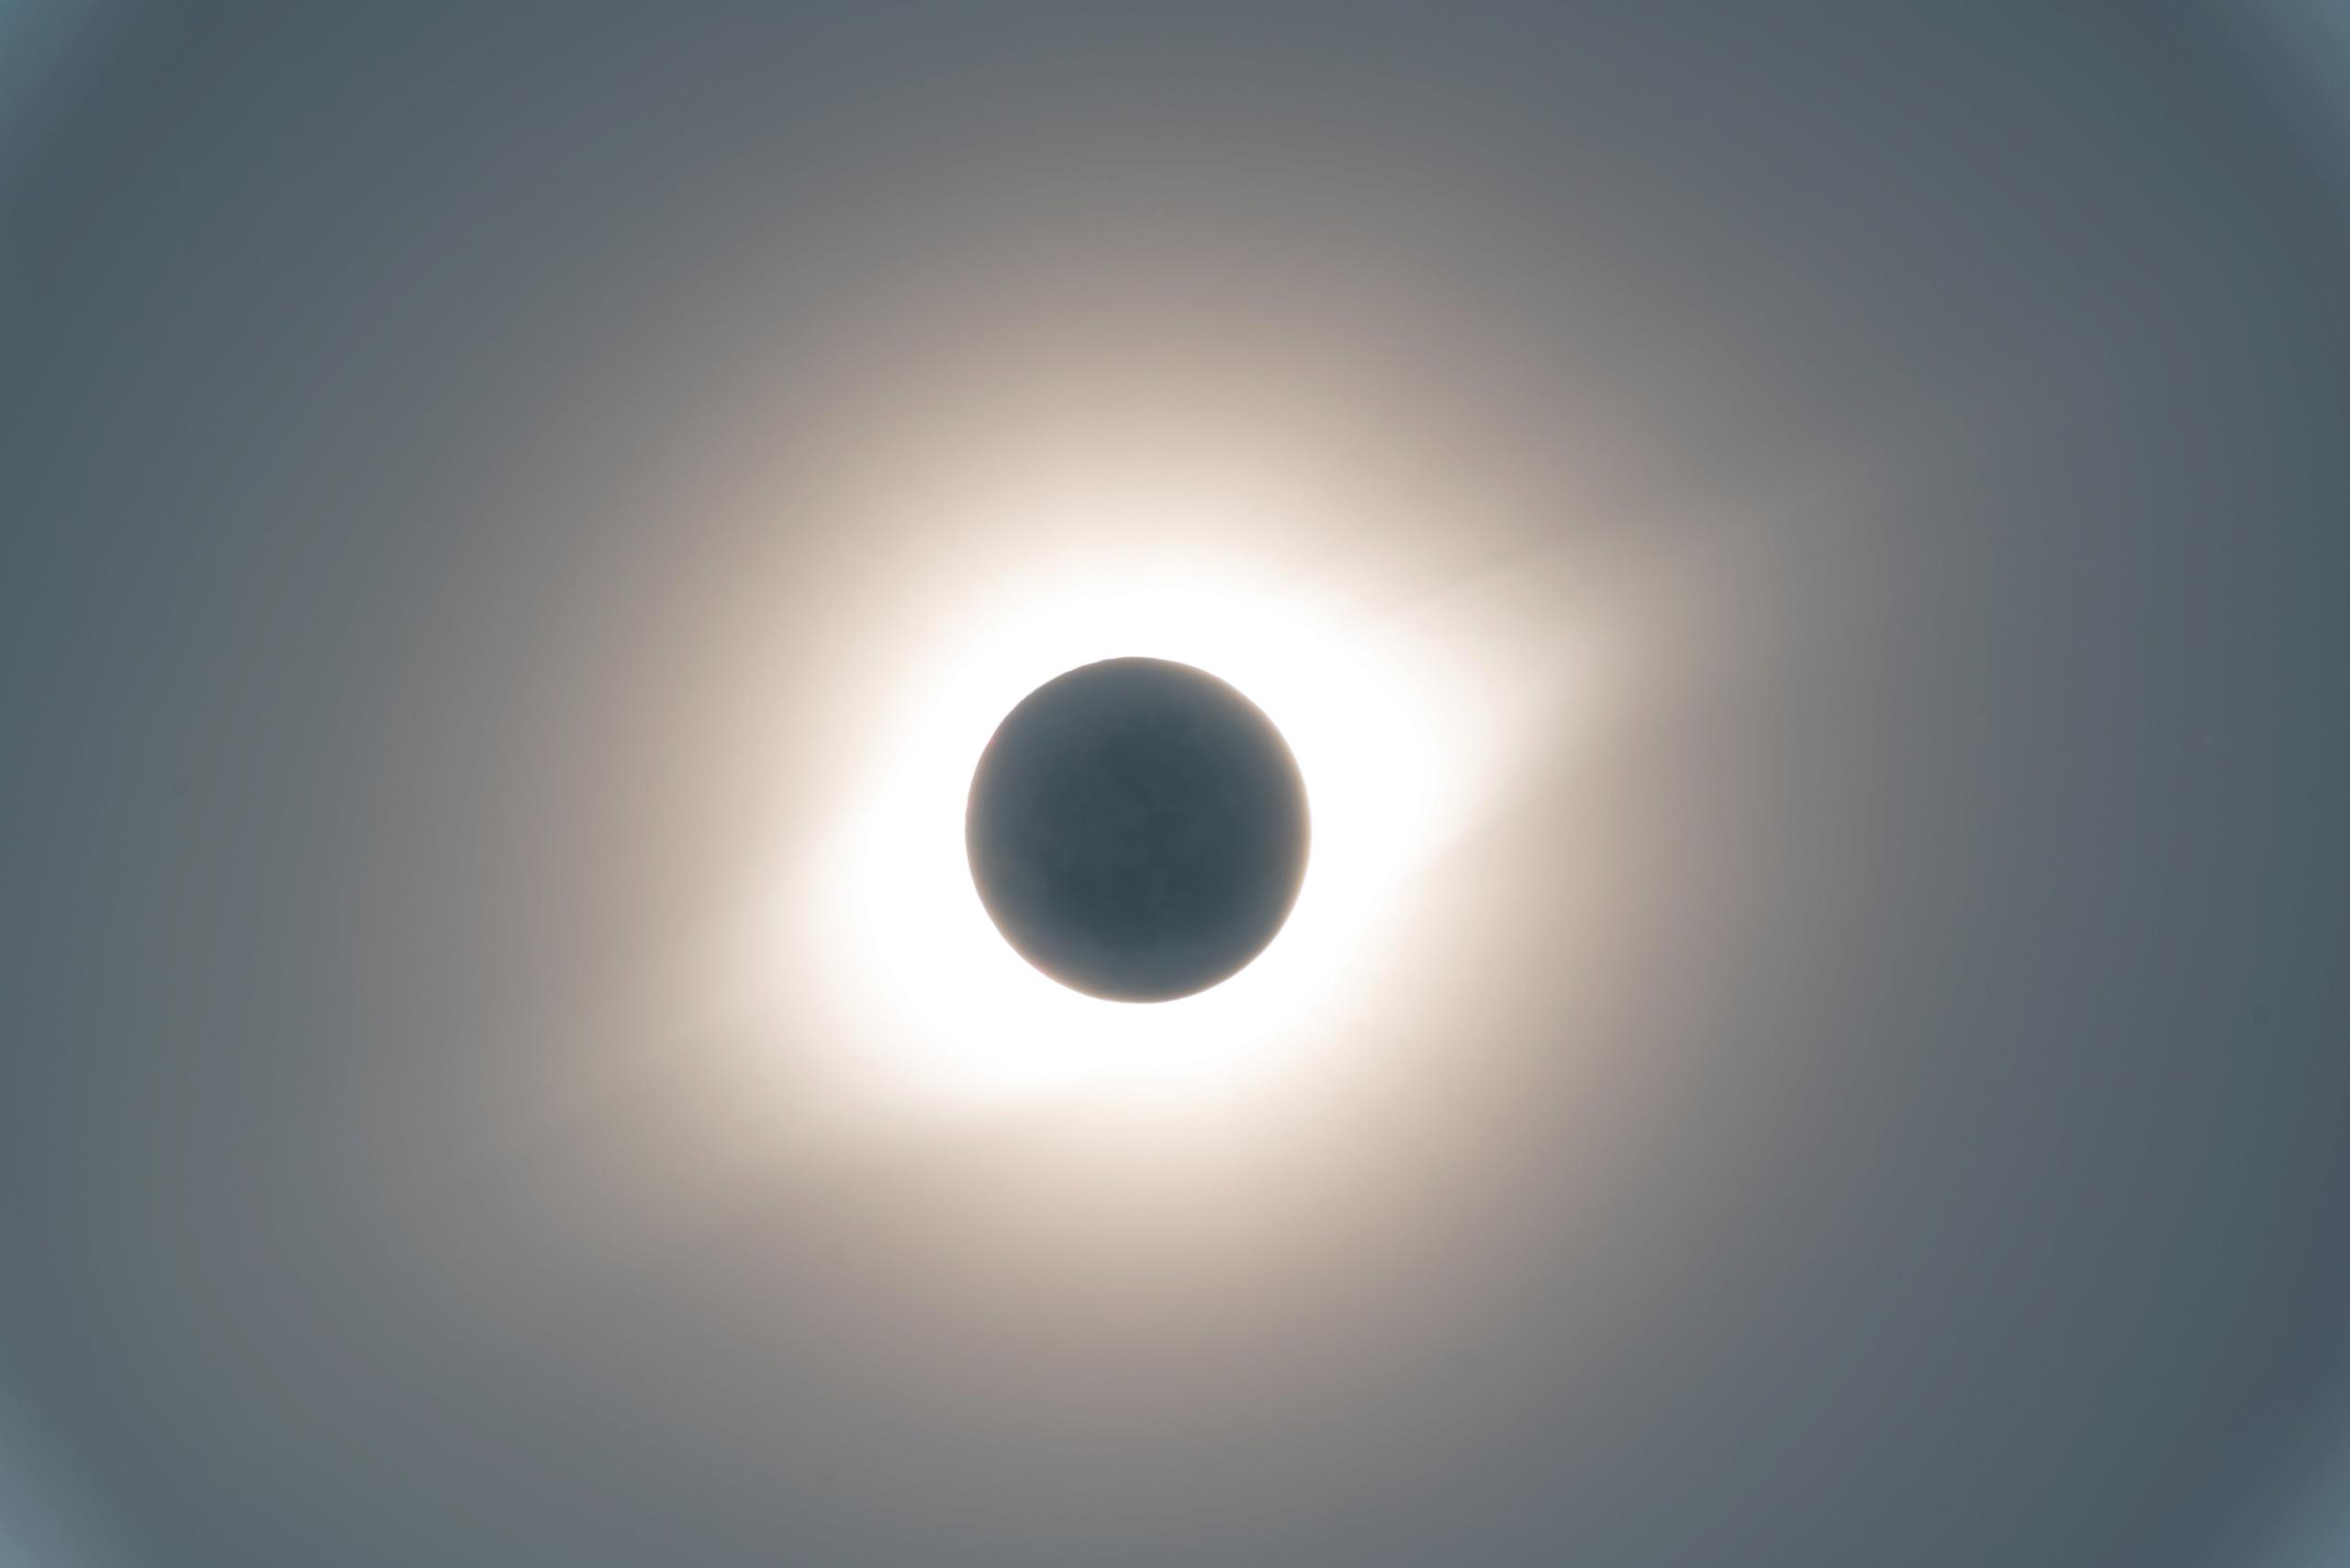 Eclipse de Soleil au Chili - 2 Juillet 2019  - Page 2 Dsc05510